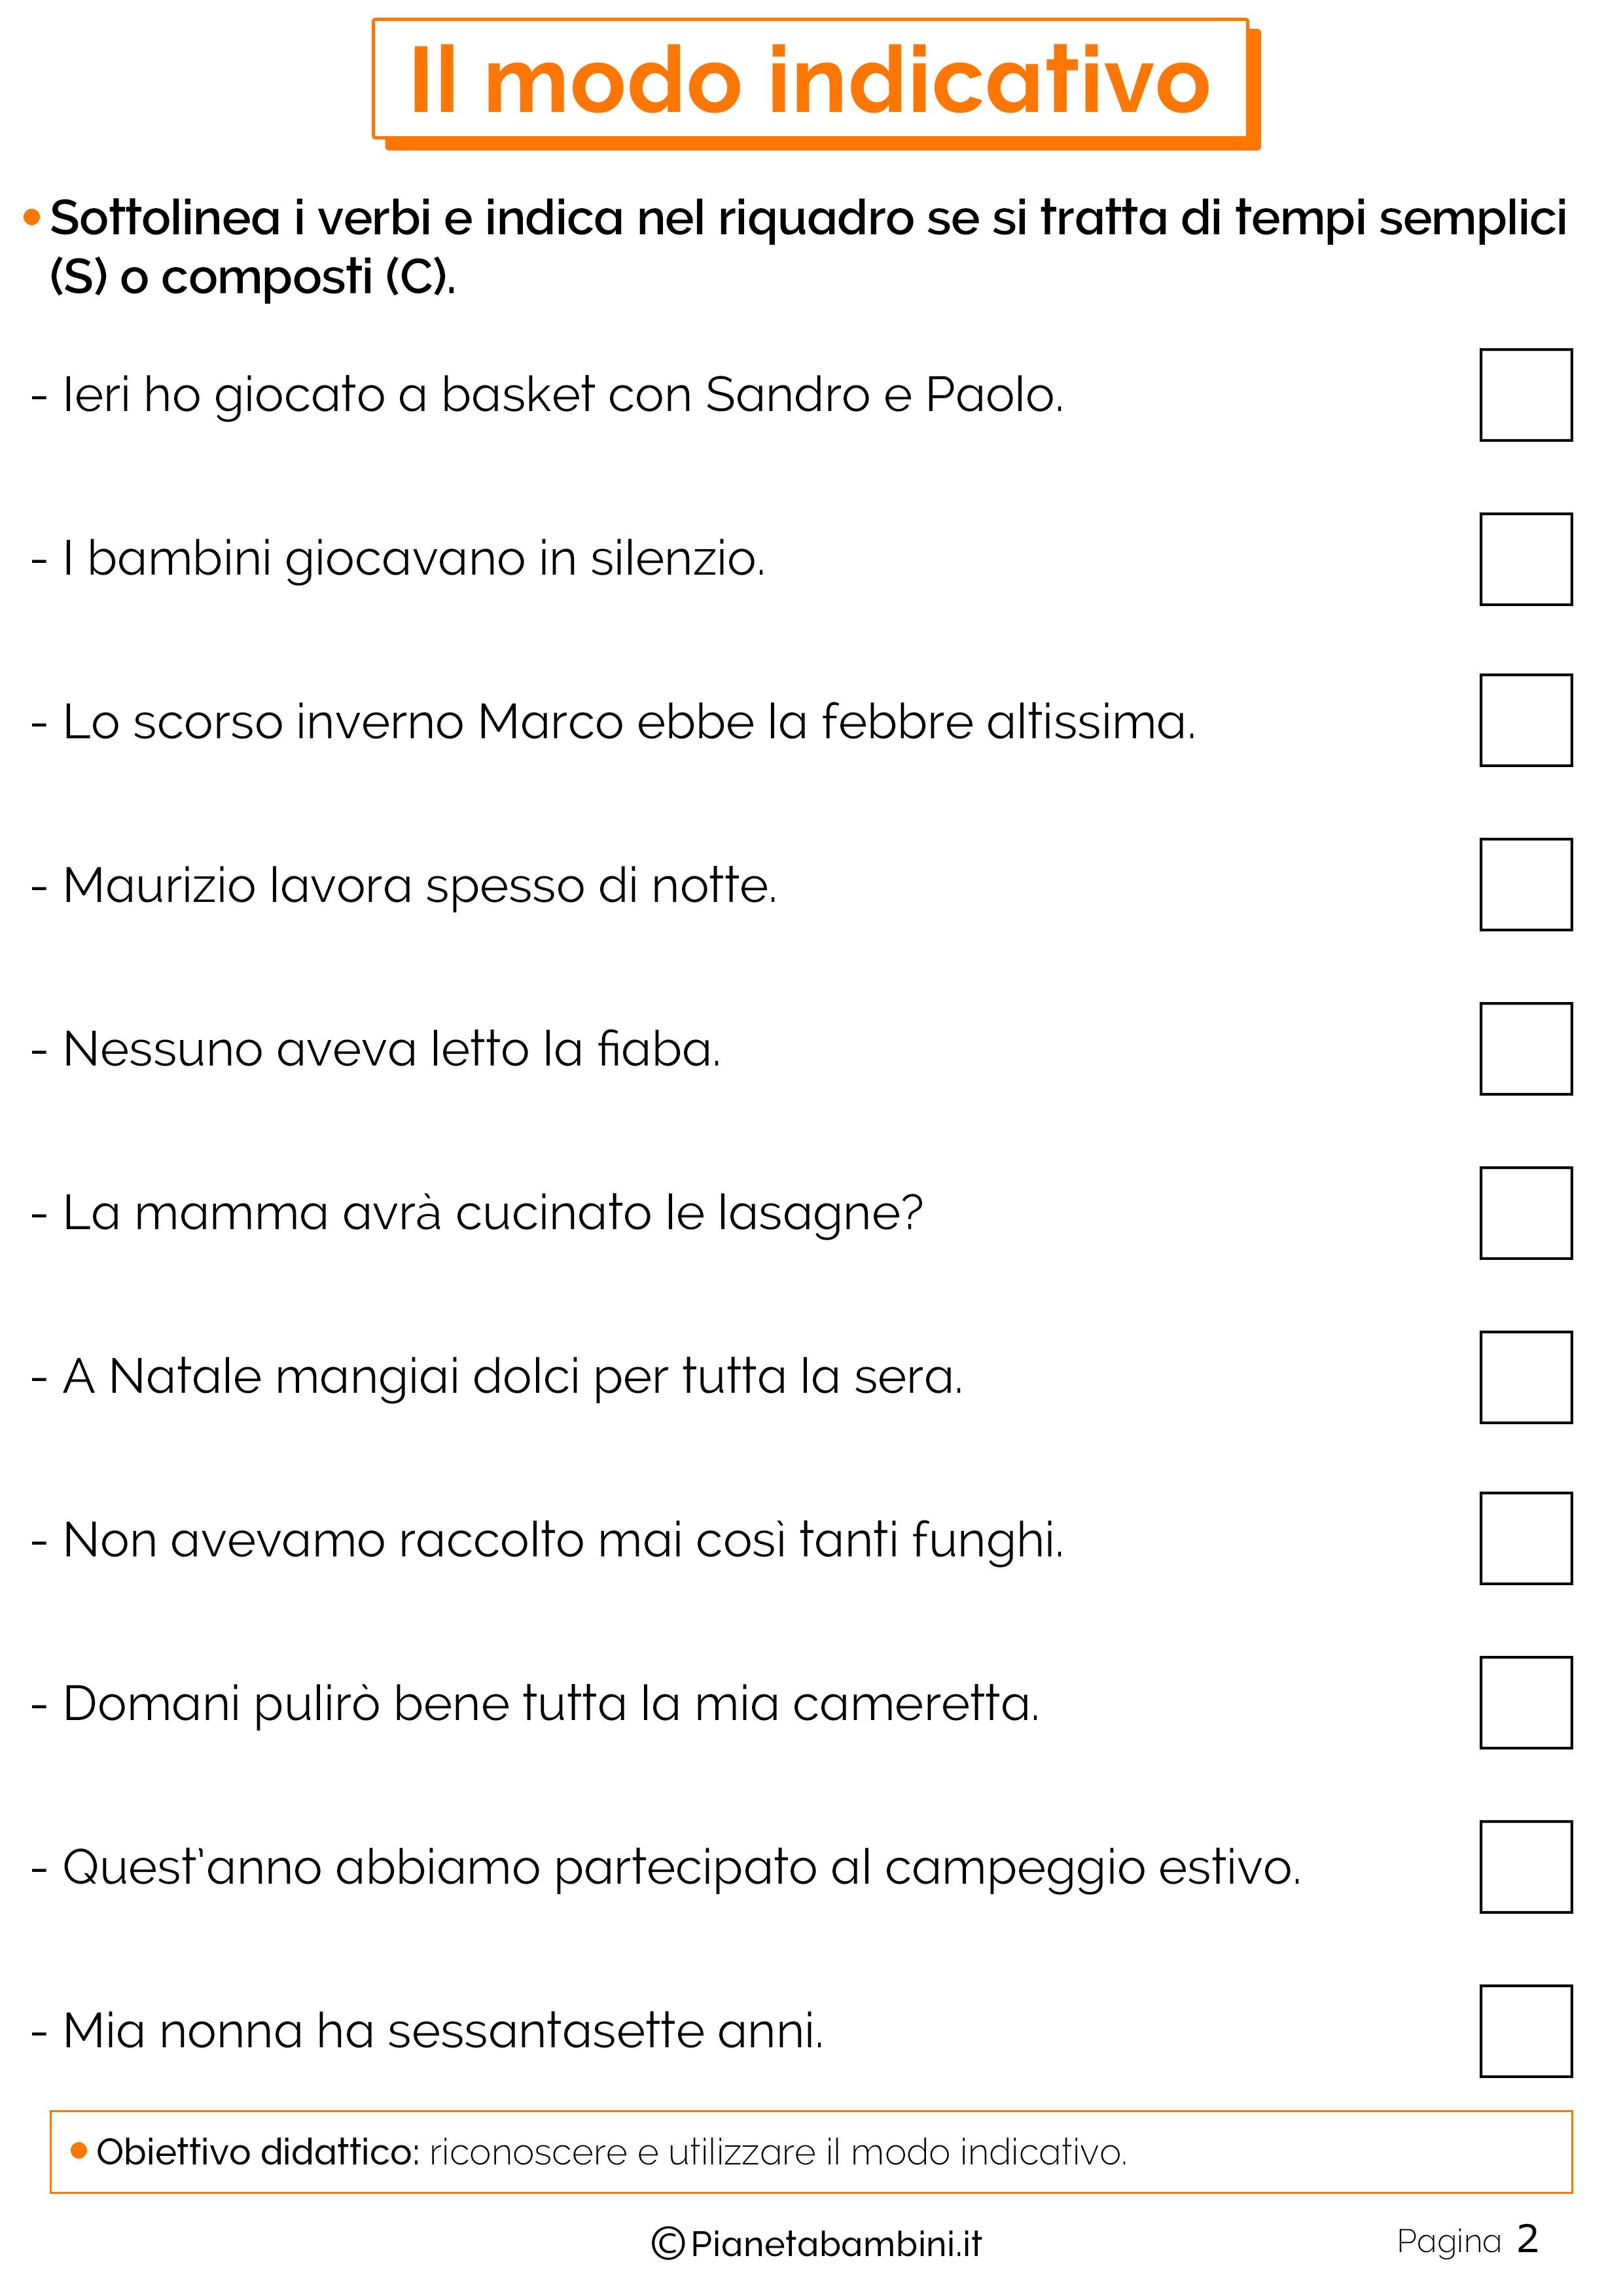 Il Modo Indicativo Esercizi Per La Scuola Primaria Scuola